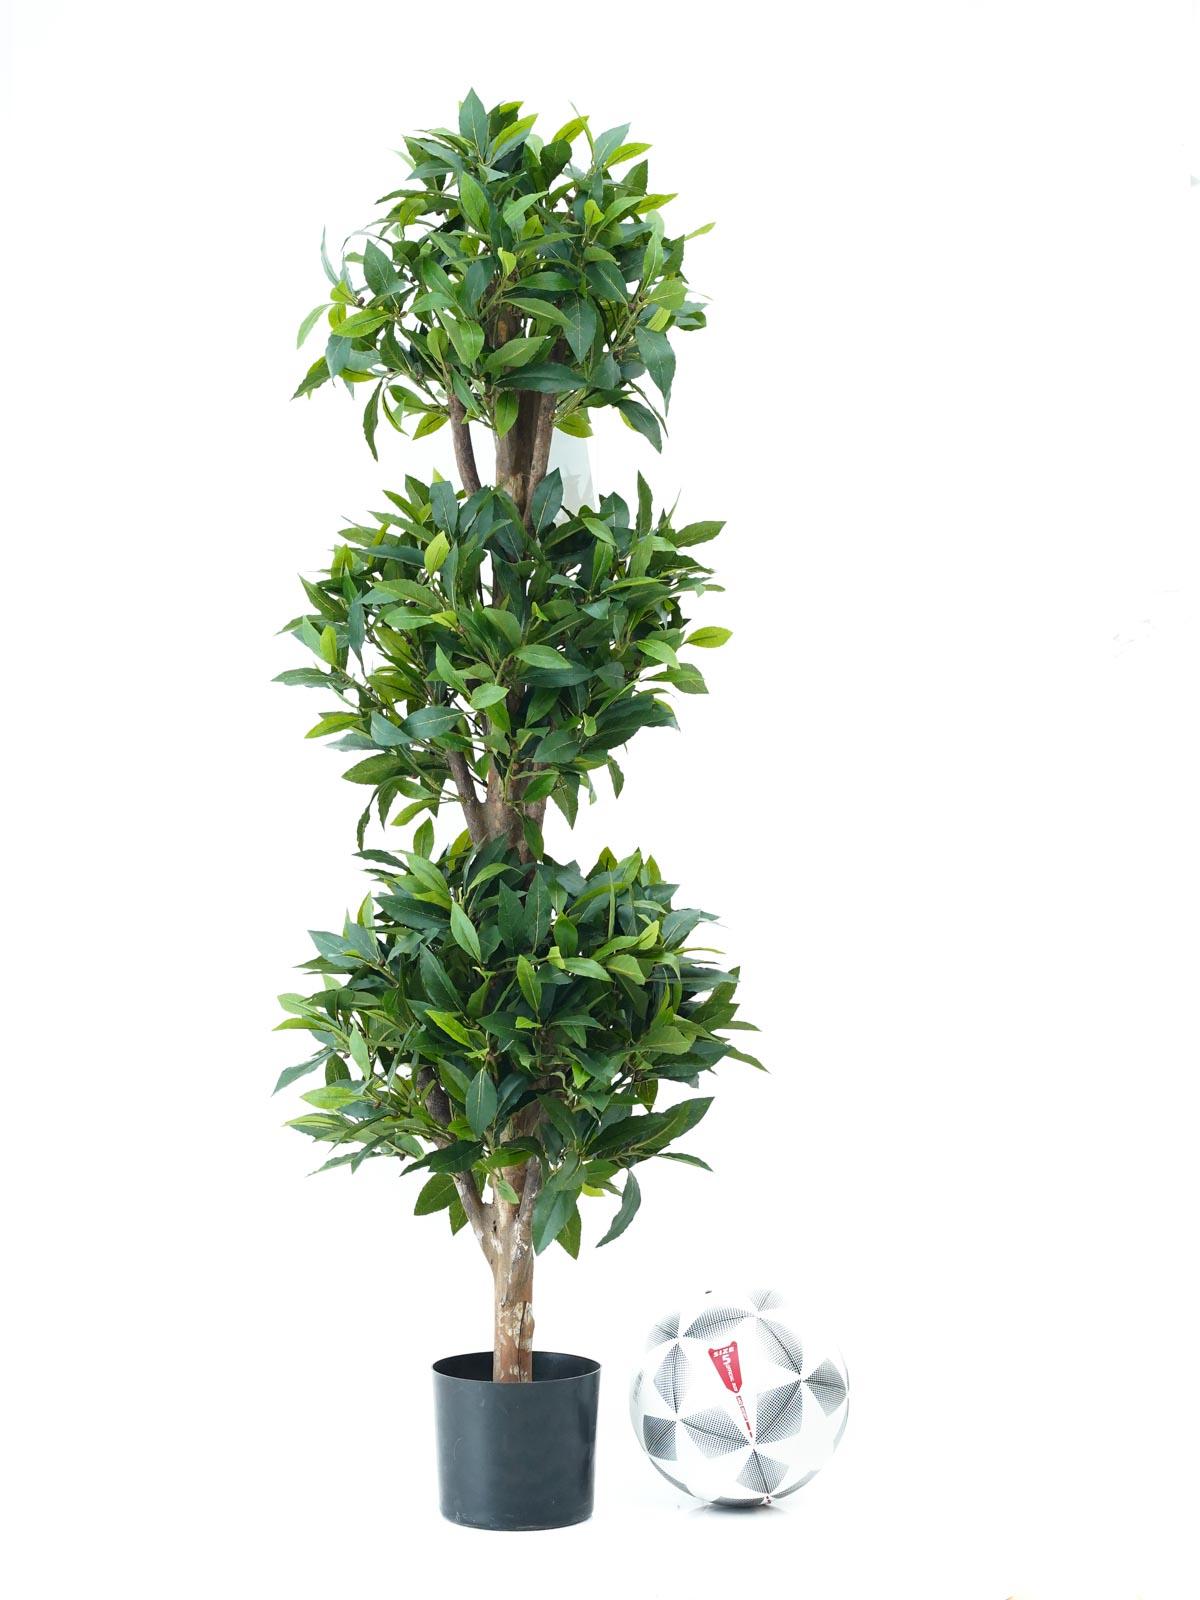 سويت باي 4 - كبير نباتات اصطناعية